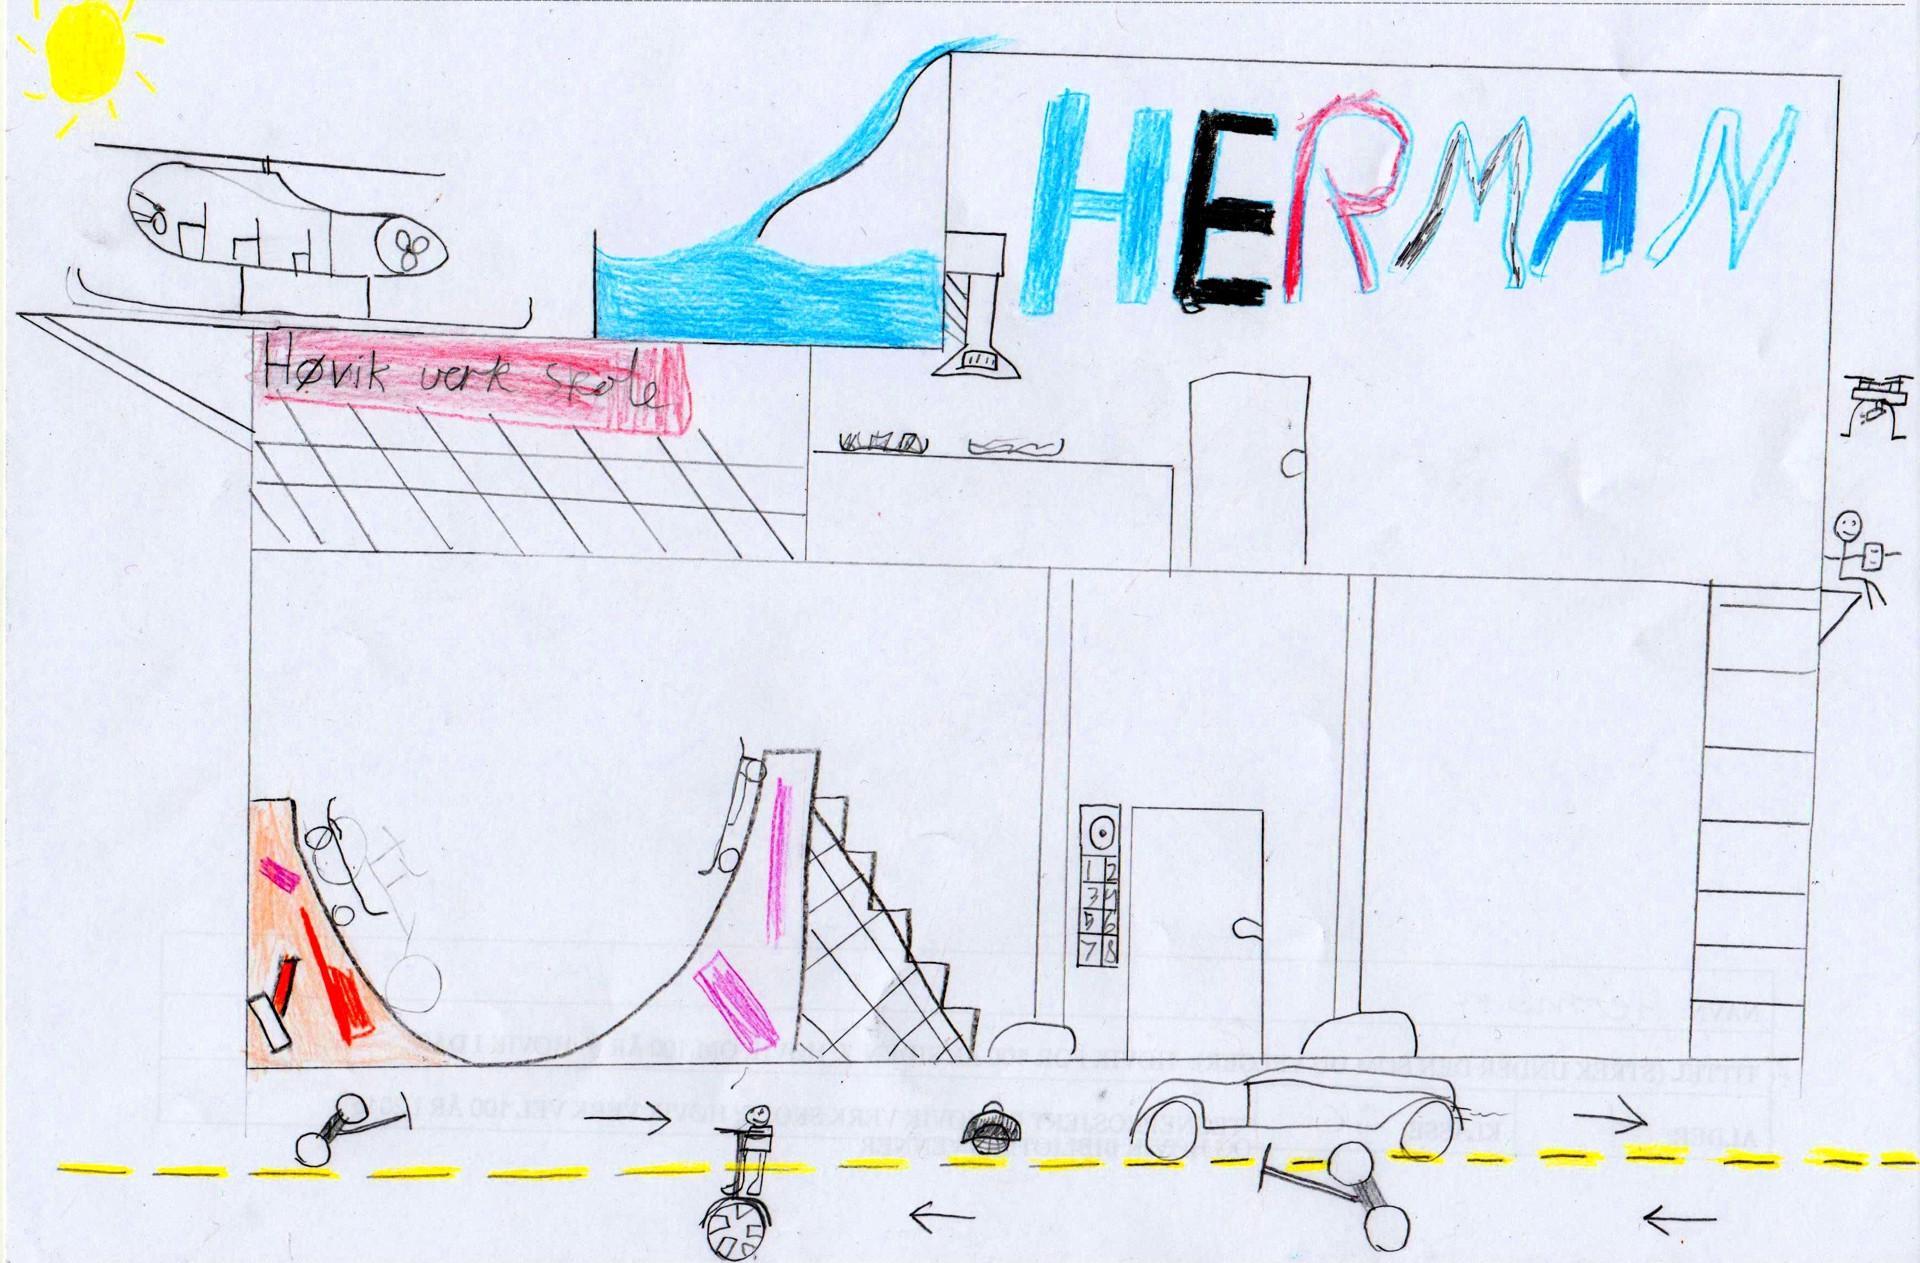 3_Herman_HVV2015 001.jpg